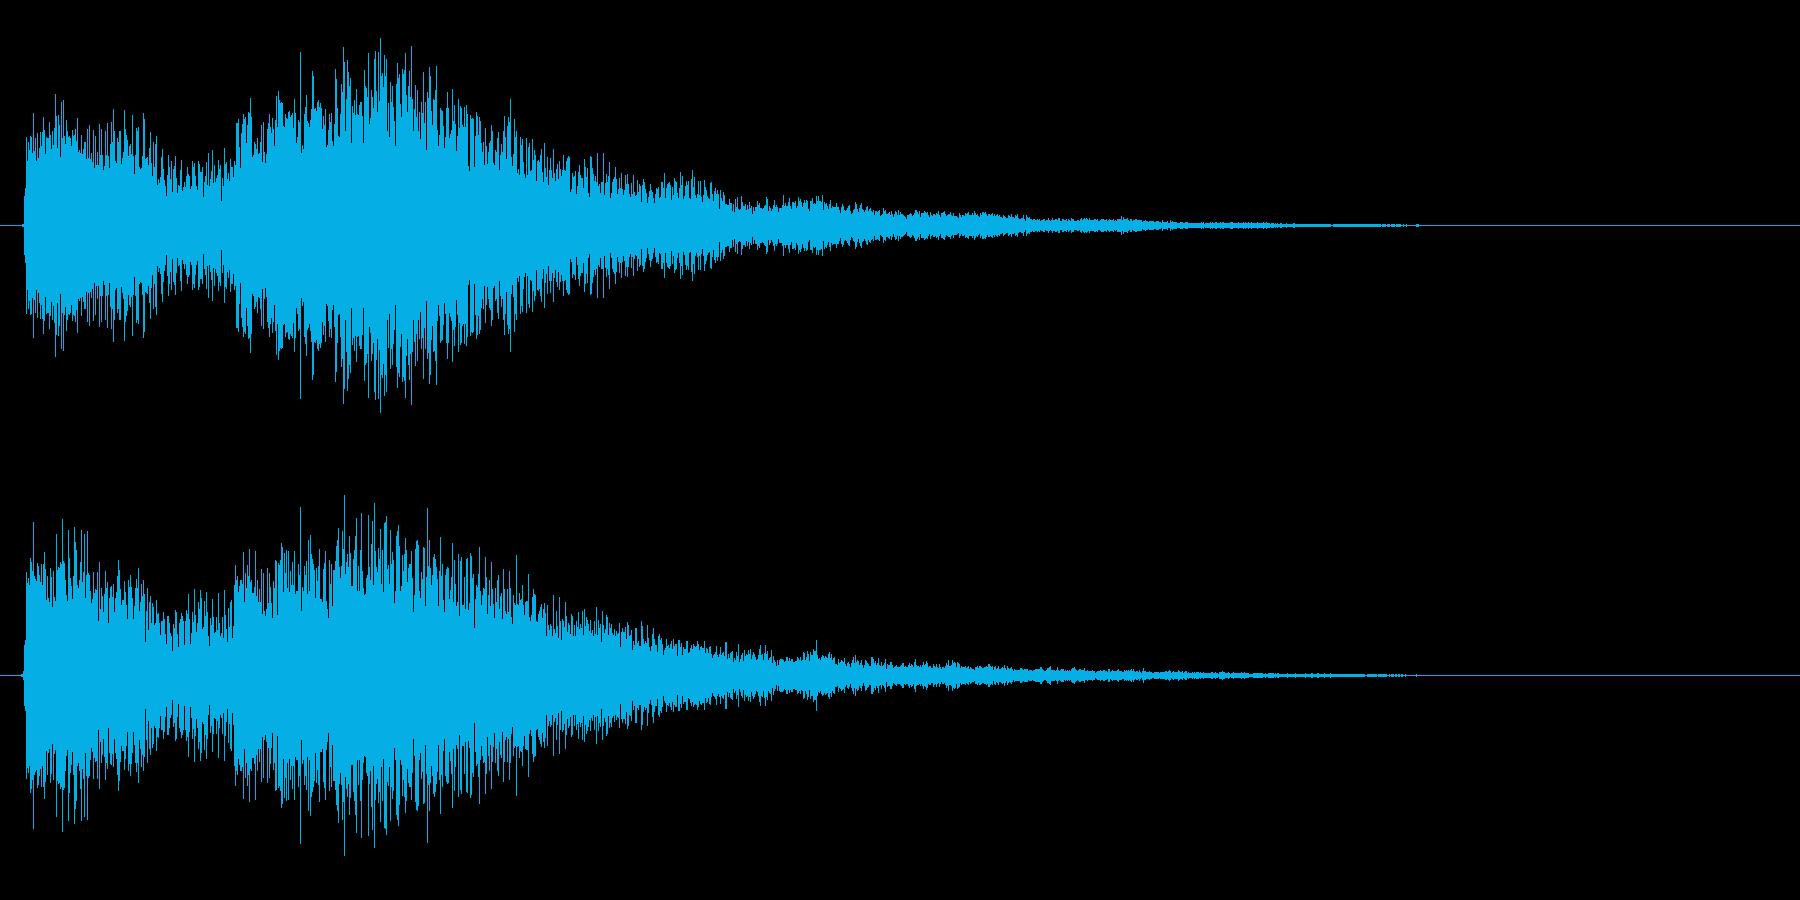 ブランドロゴ向けジングル2の再生済みの波形